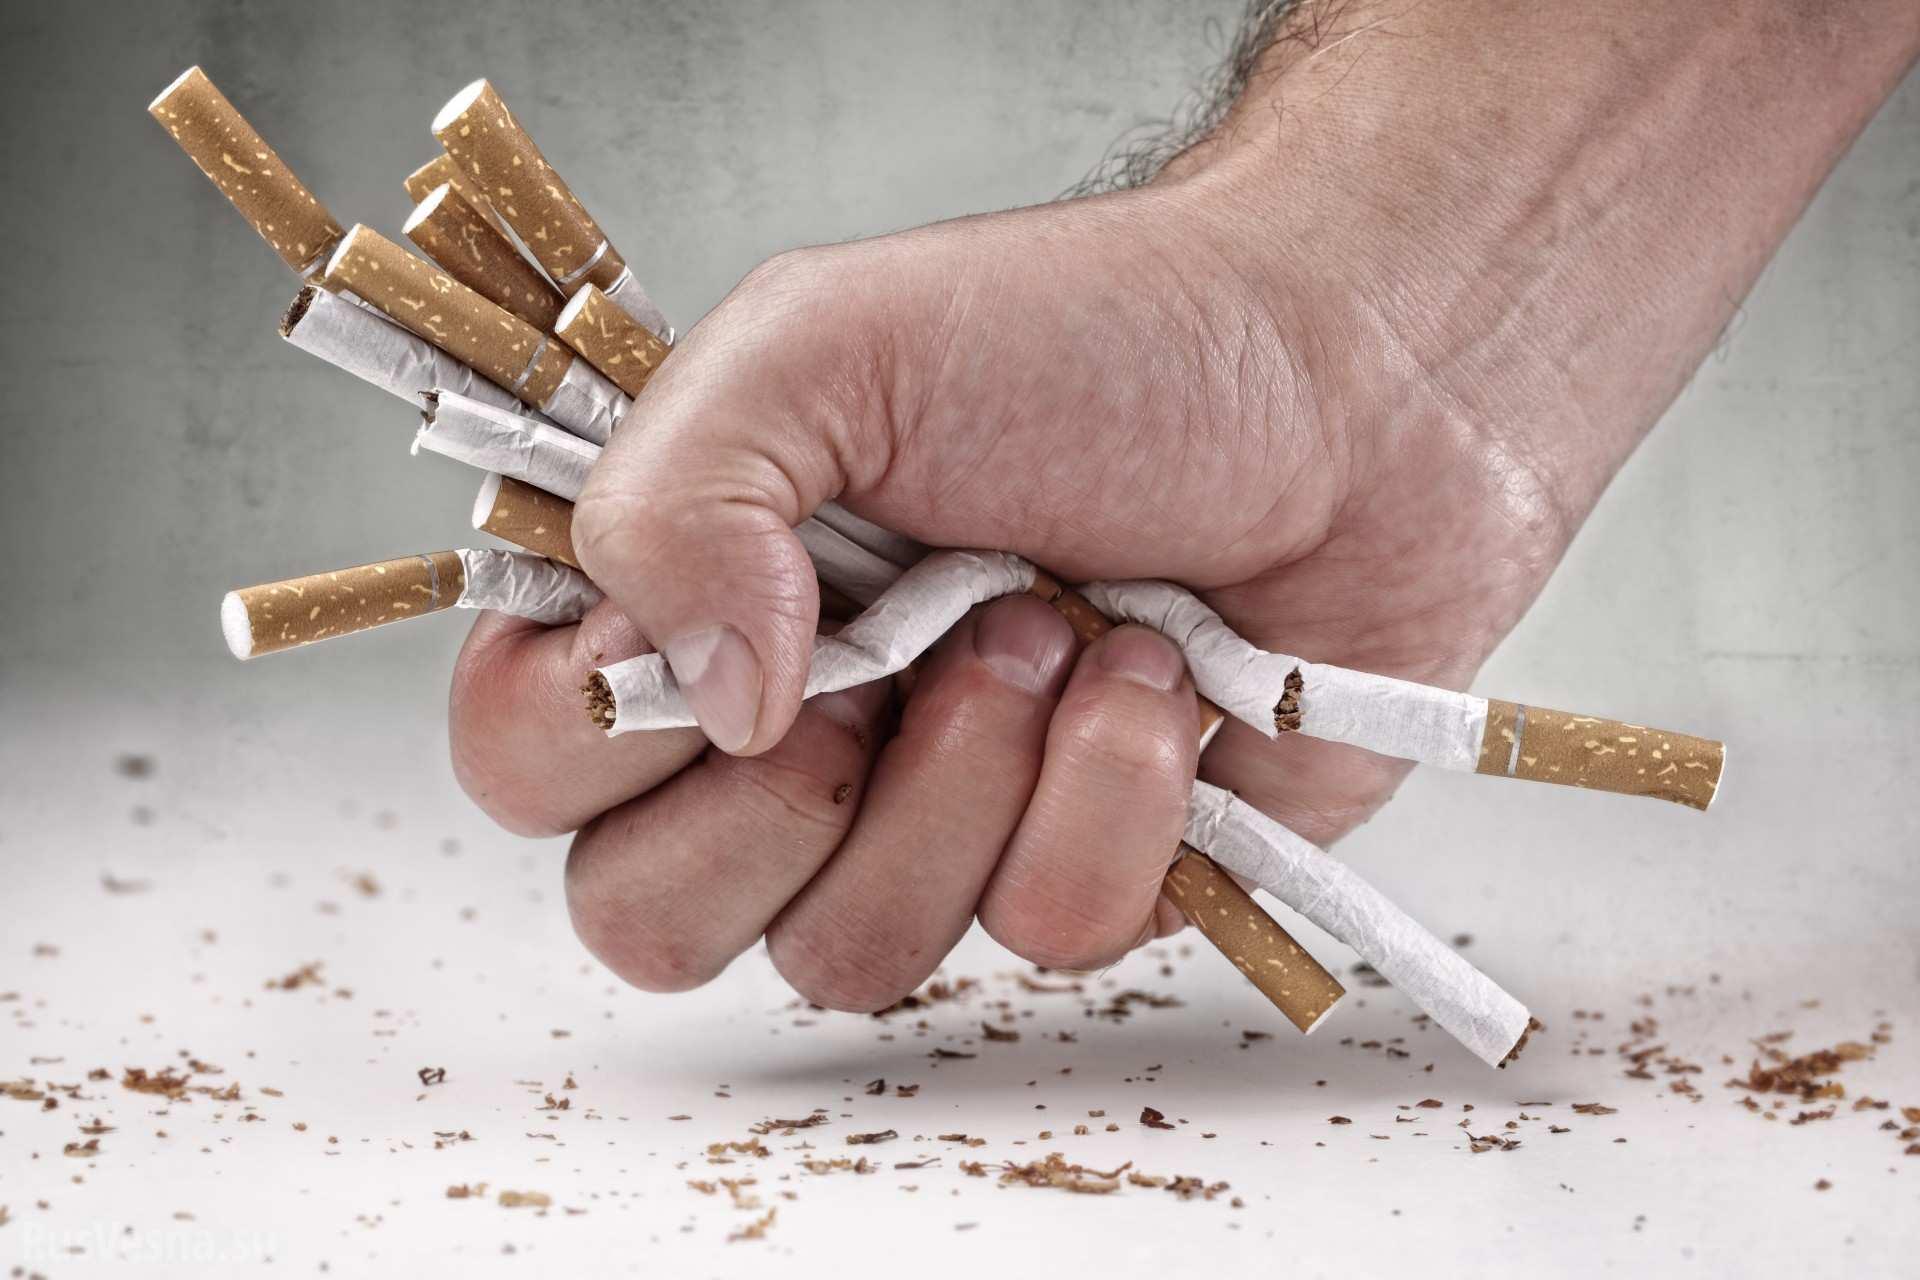 В РЦМП прокомментировали предложение по снижению потребления табака на рабочих местах